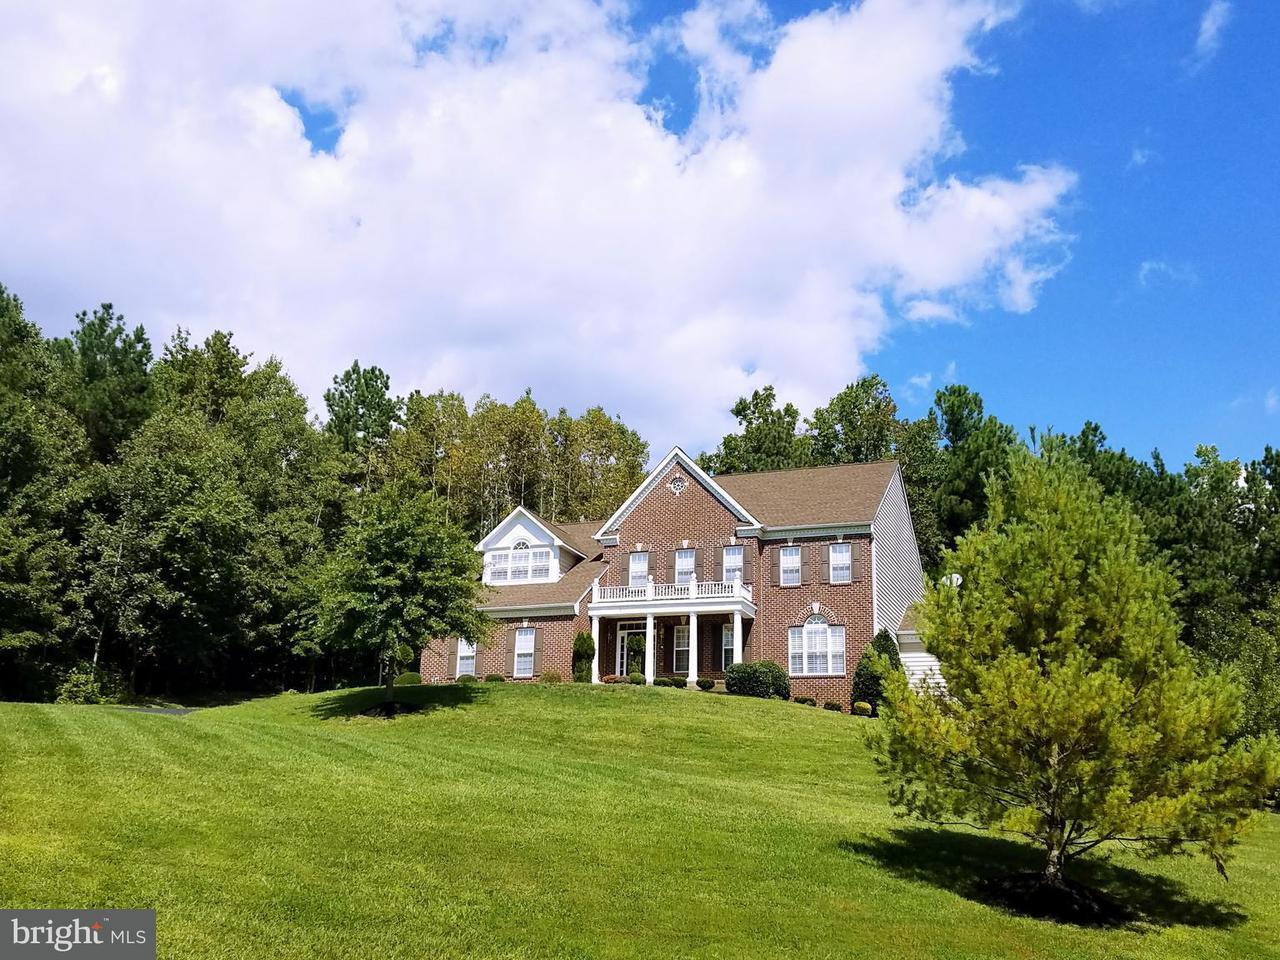 Einfamilienhaus für Verkauf beim 9 MATTAWOMAN WAY 9 MATTAWOMAN WAY Accokeek, Maryland 20607 Vereinigte Staaten